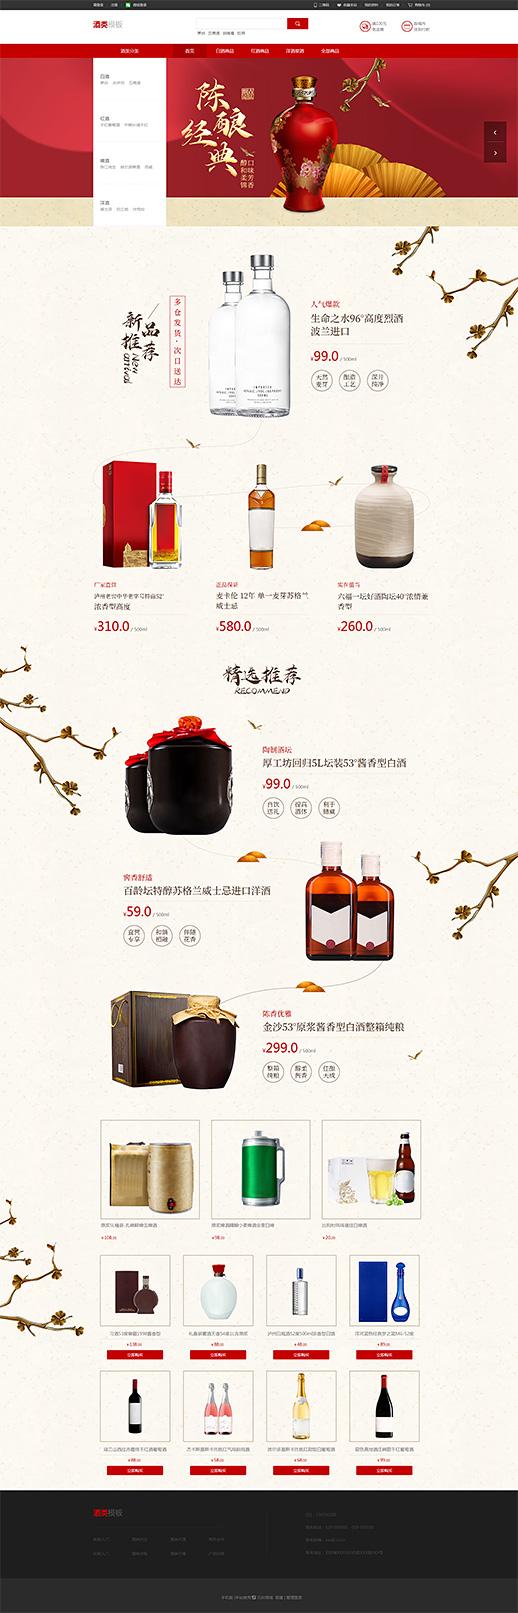 酒业公司网站模板_卖酒网站模板